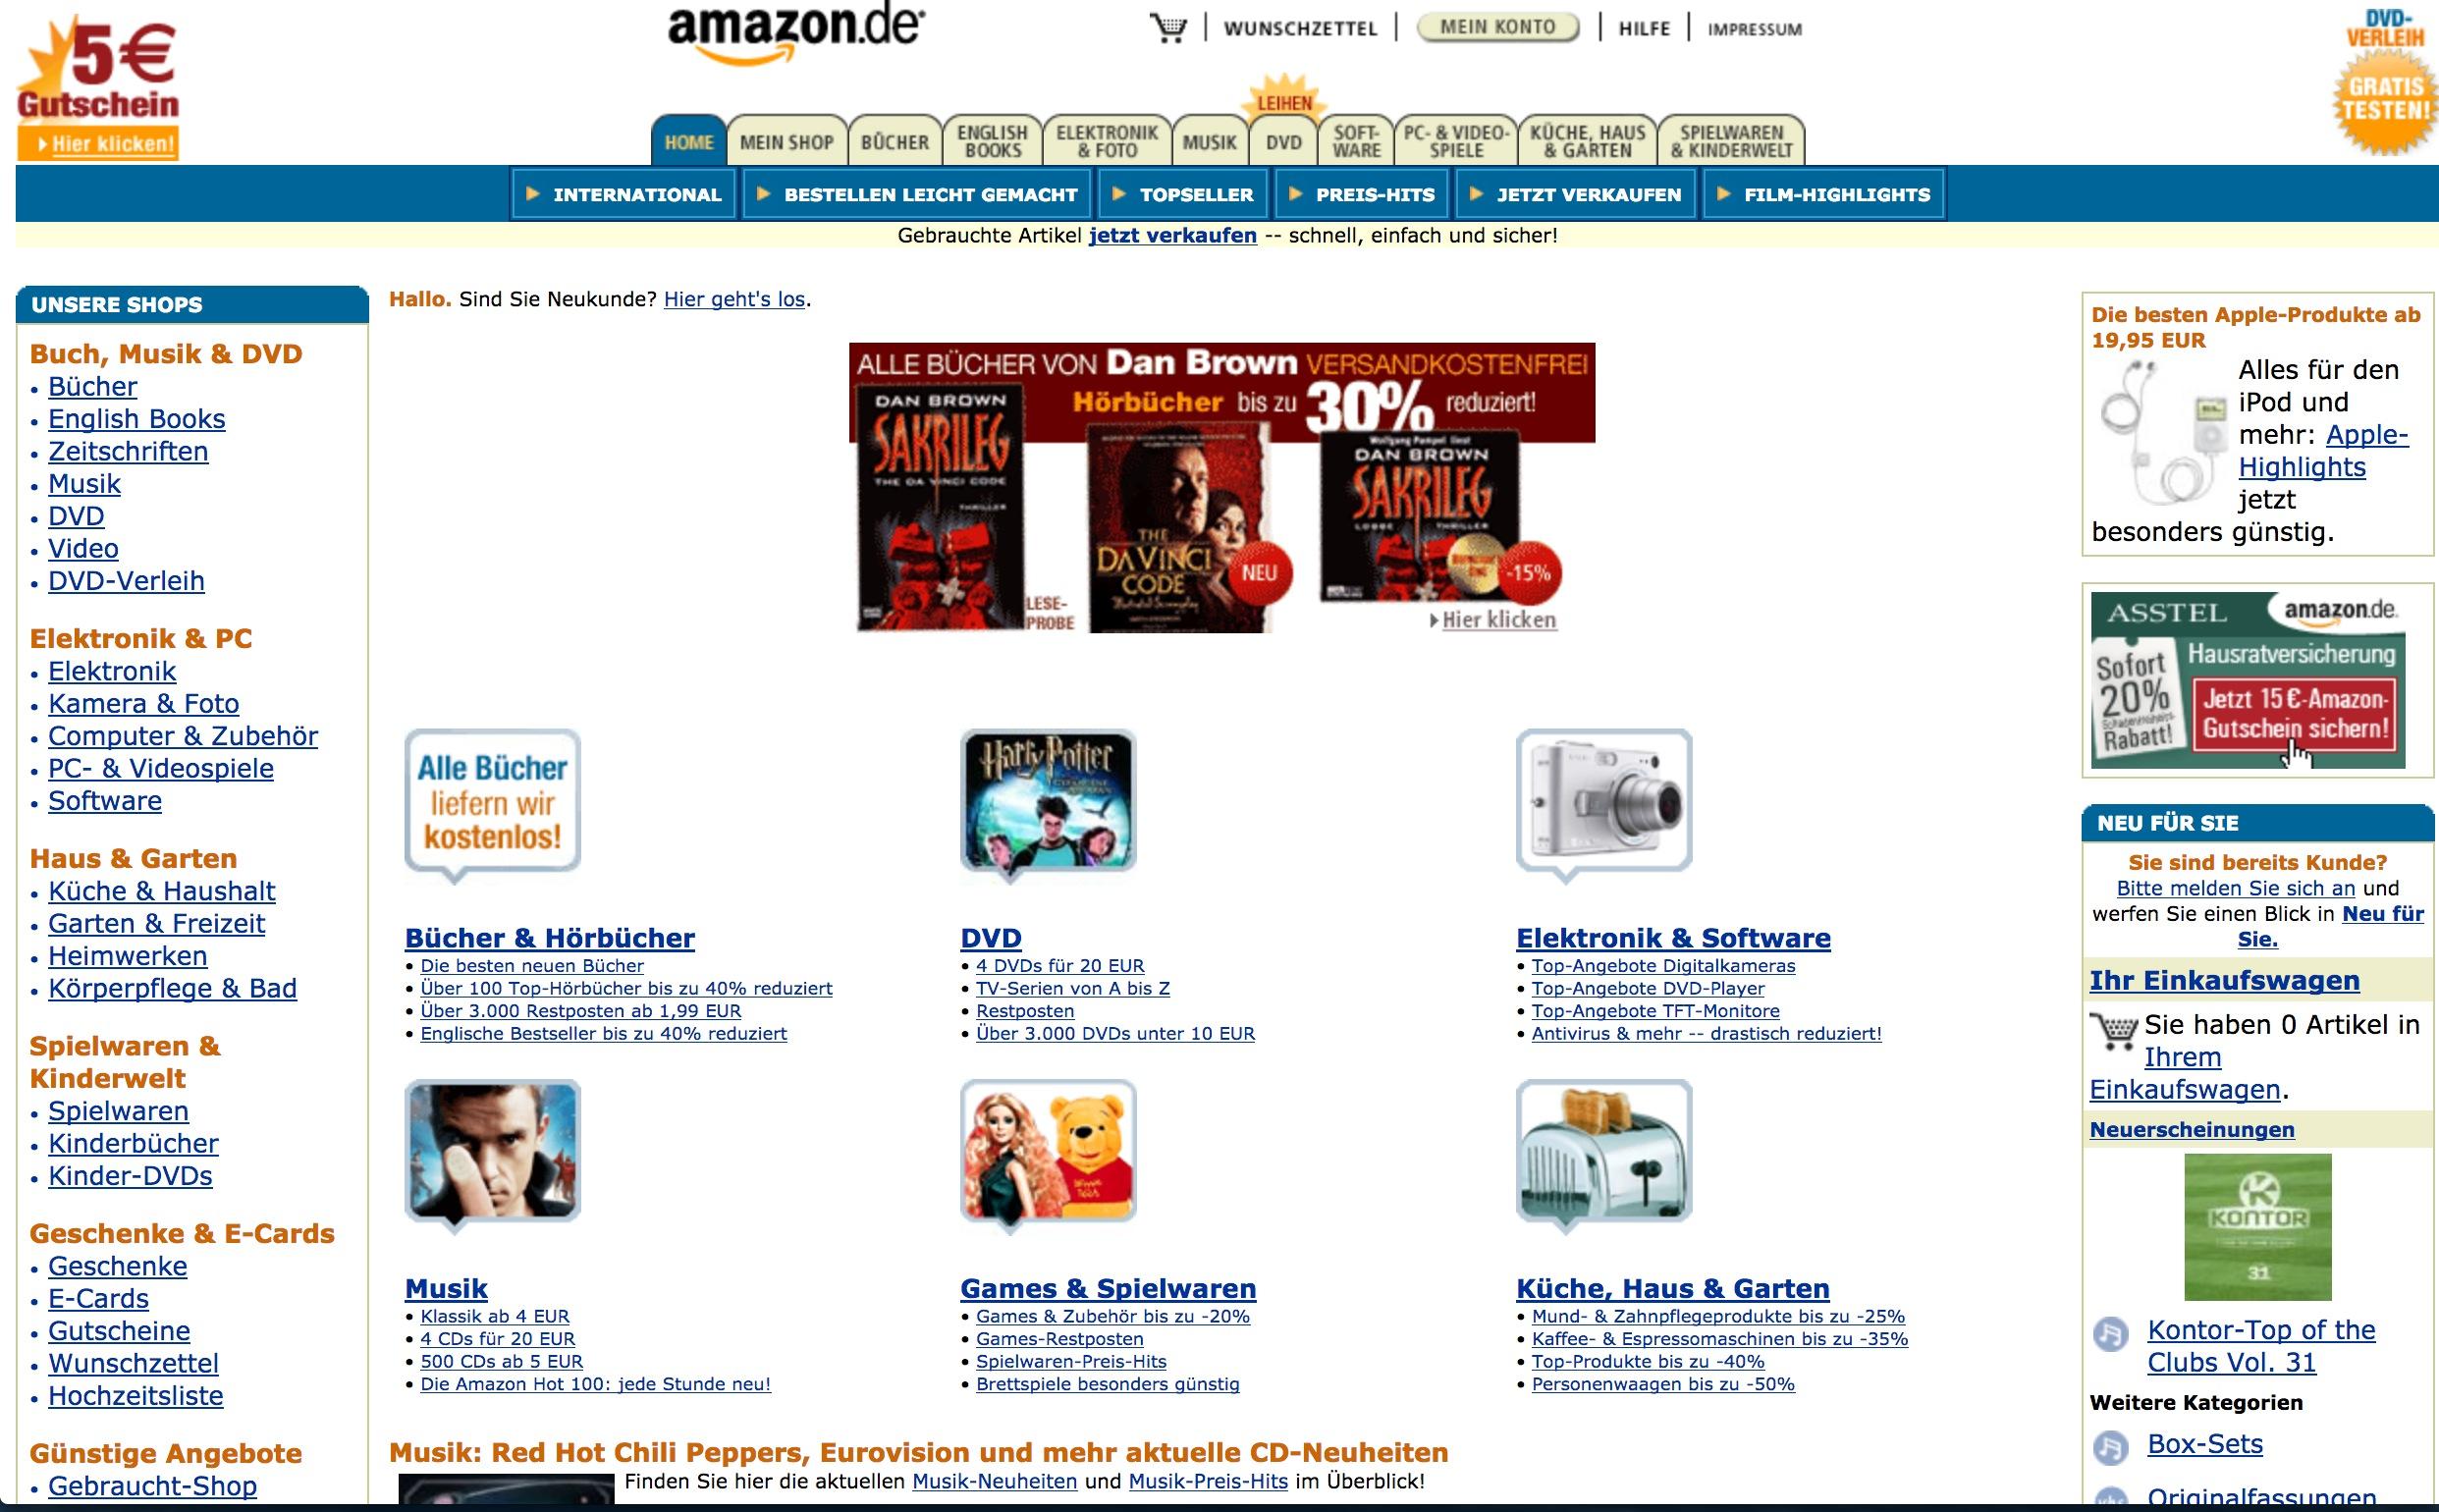 Amazon Webseite aus dem Jahr 1998